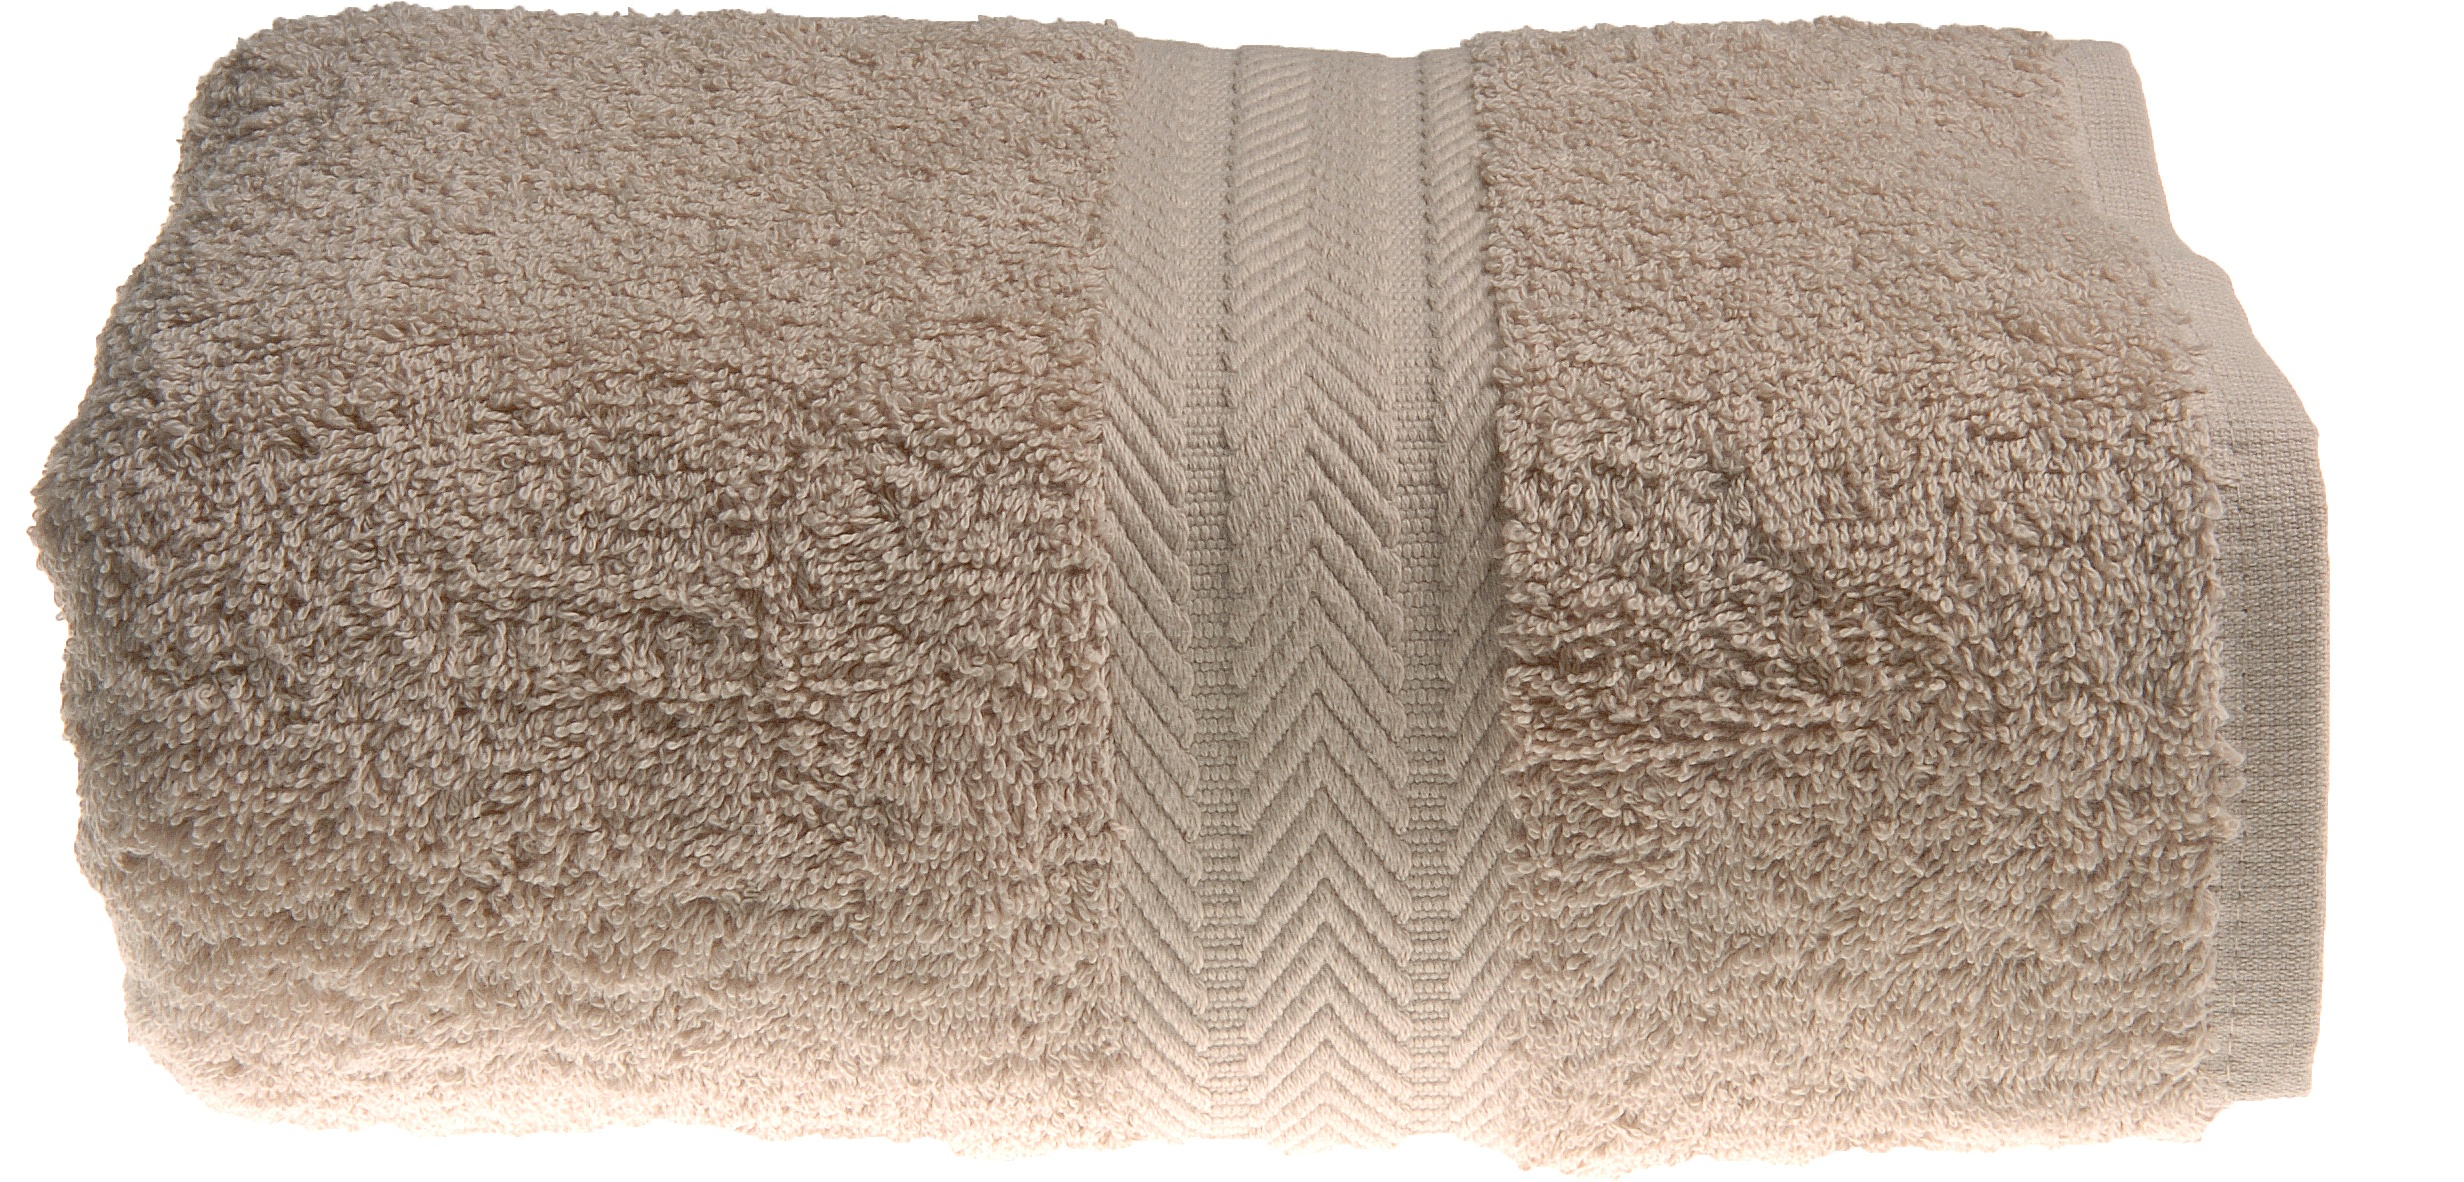 Drap de douche 70 x 140 cm en Coton couleur Ficelle (Ficelle)